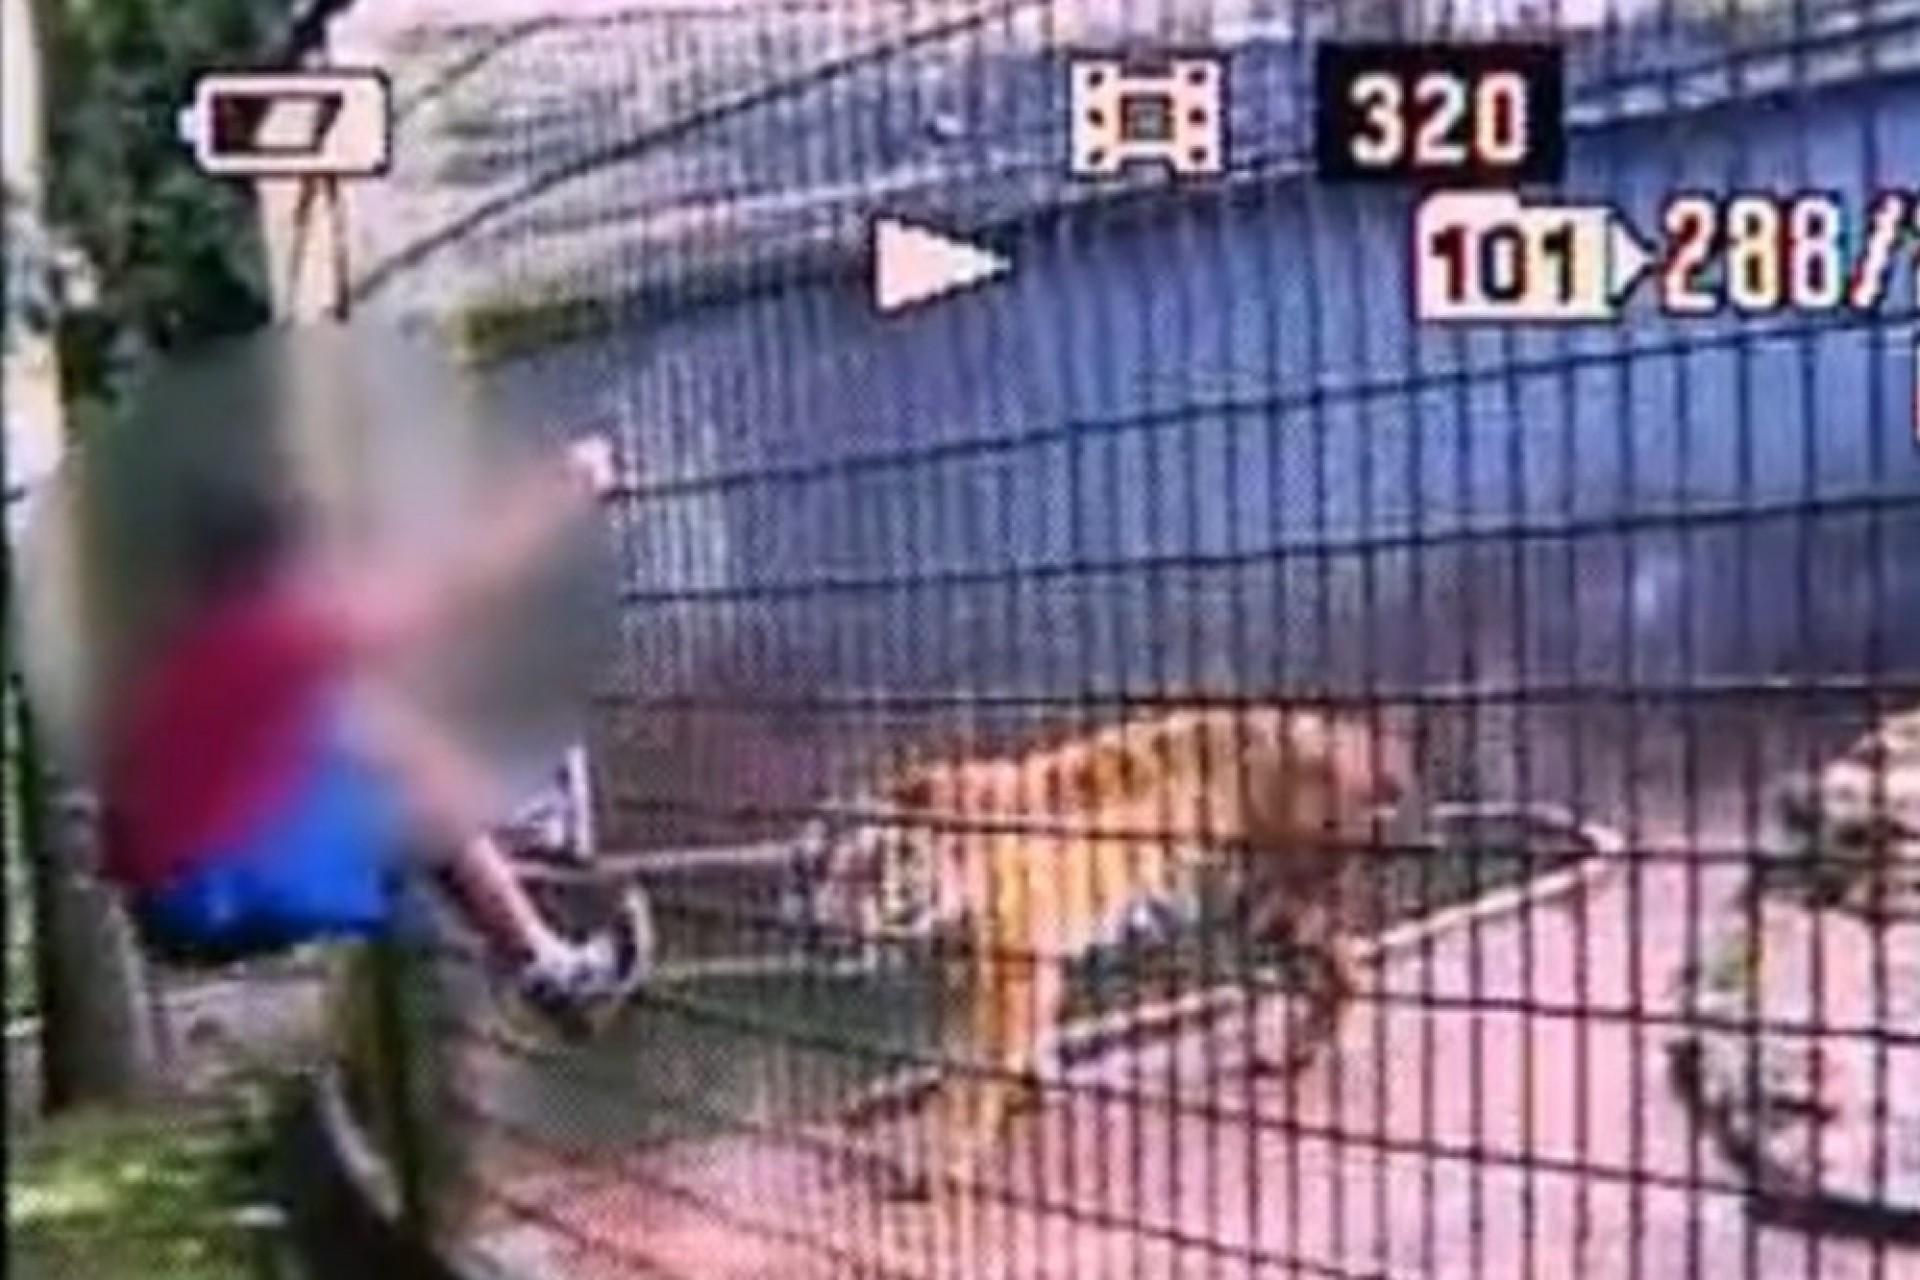 Pai de menino que teve braço amputado após ser atacado por tigre em Cascavel é condenado